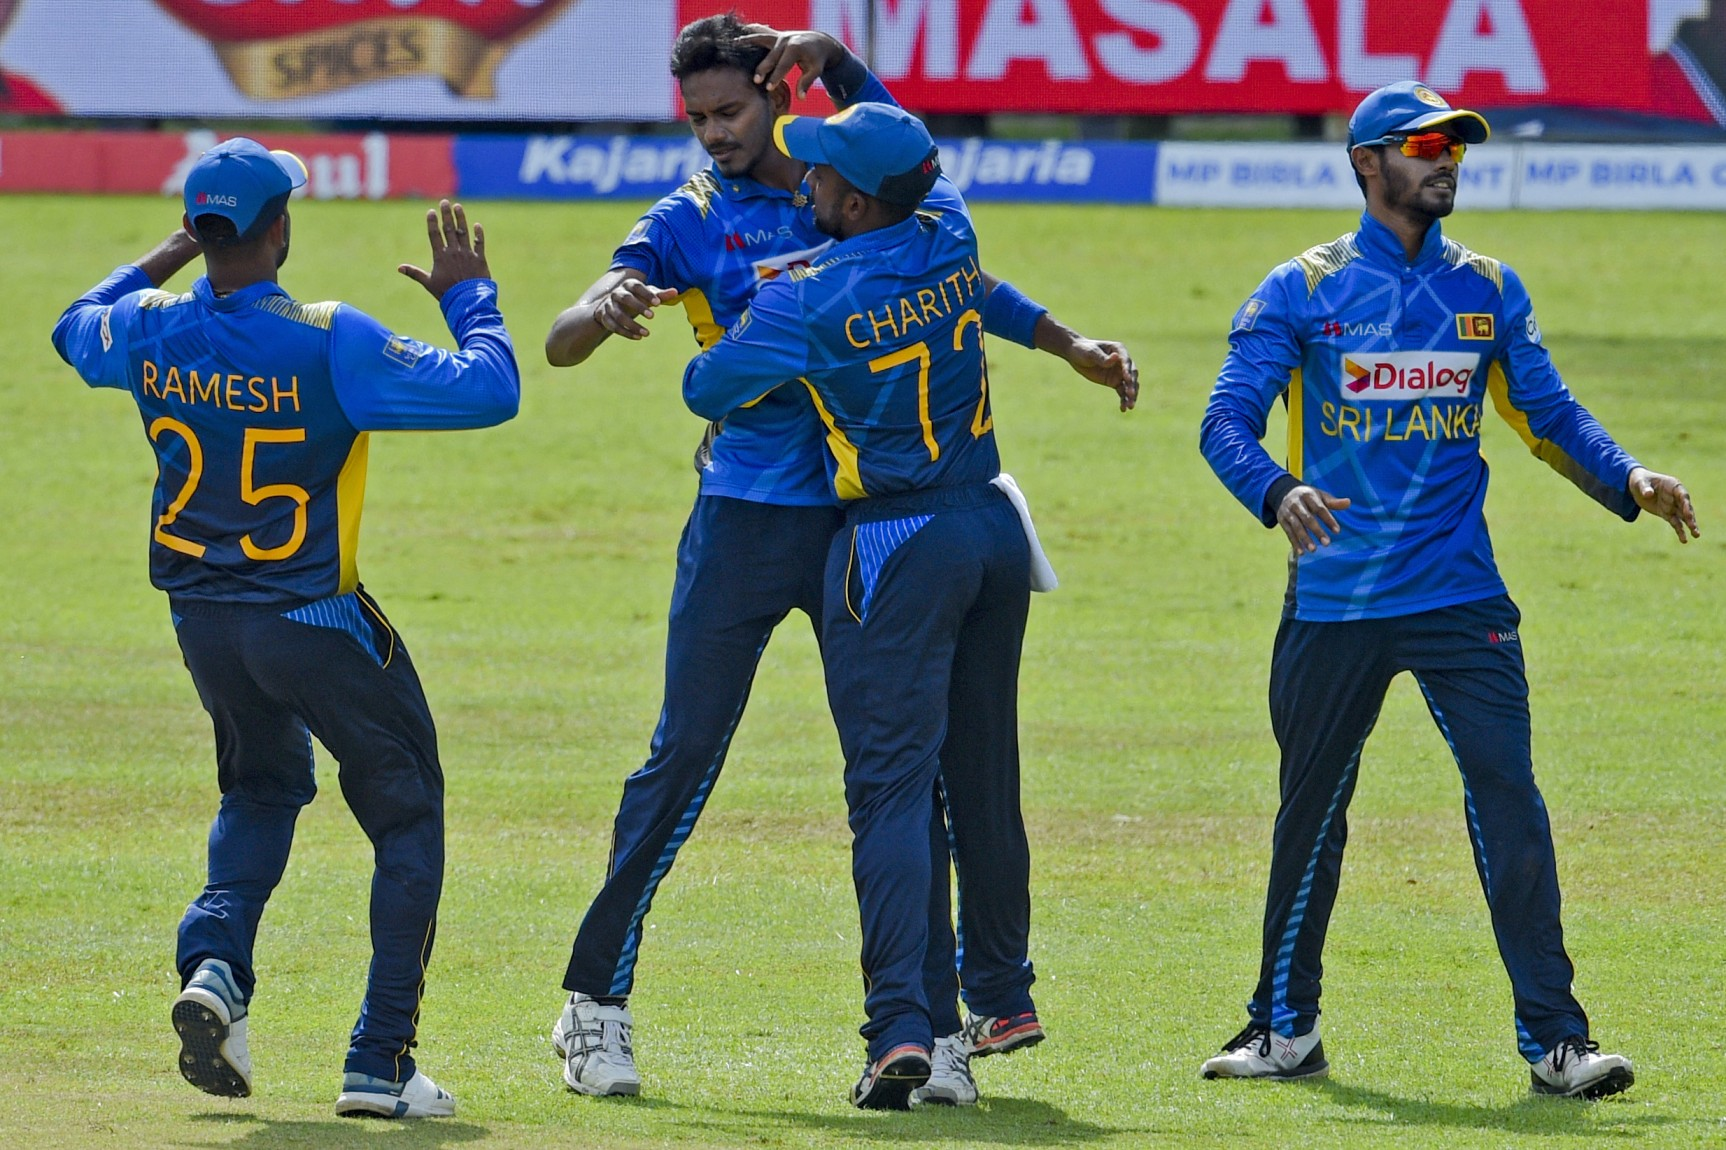 ढेर हुए भारतीय बल्लेबाज, 225 रनों पर सिमटी पारी